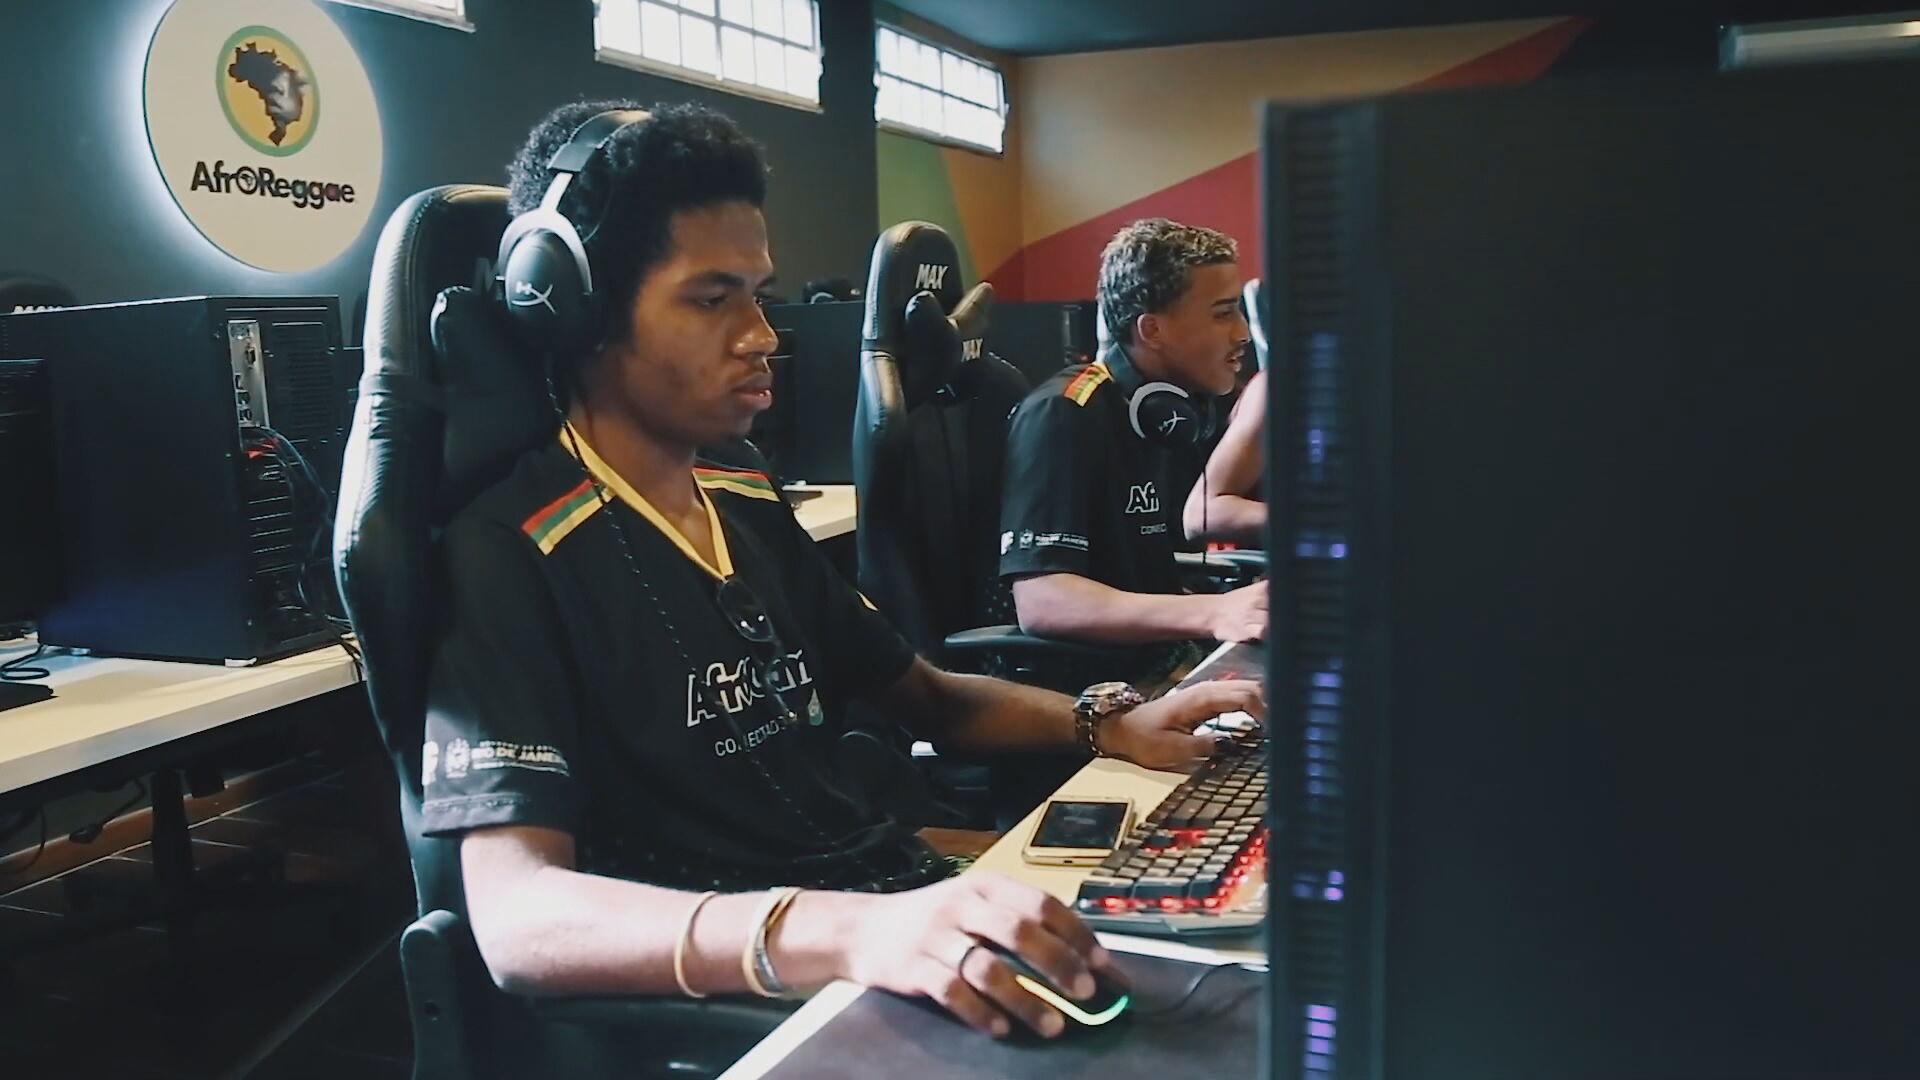 Jovem em centro de treinamento de eSports em comunidade do Rio de Janeiro